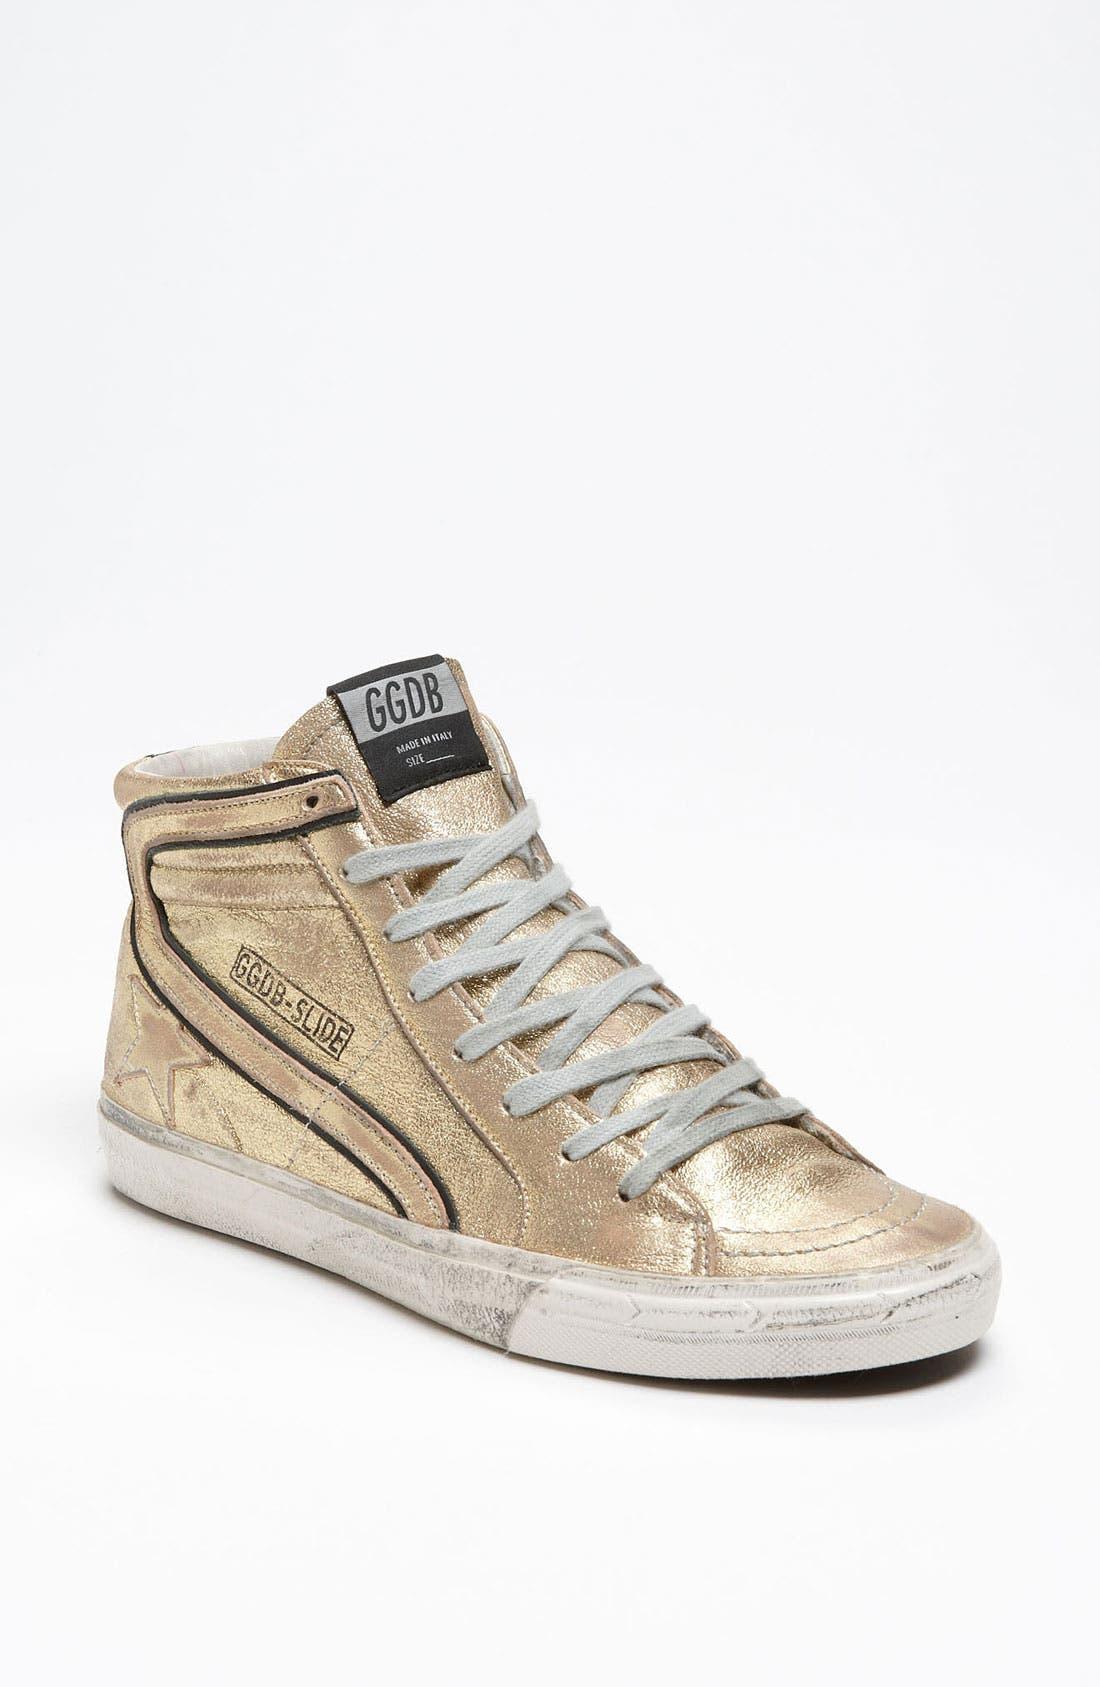 Main Image - Golden Goose 'Mid Top Slide' Sneaker